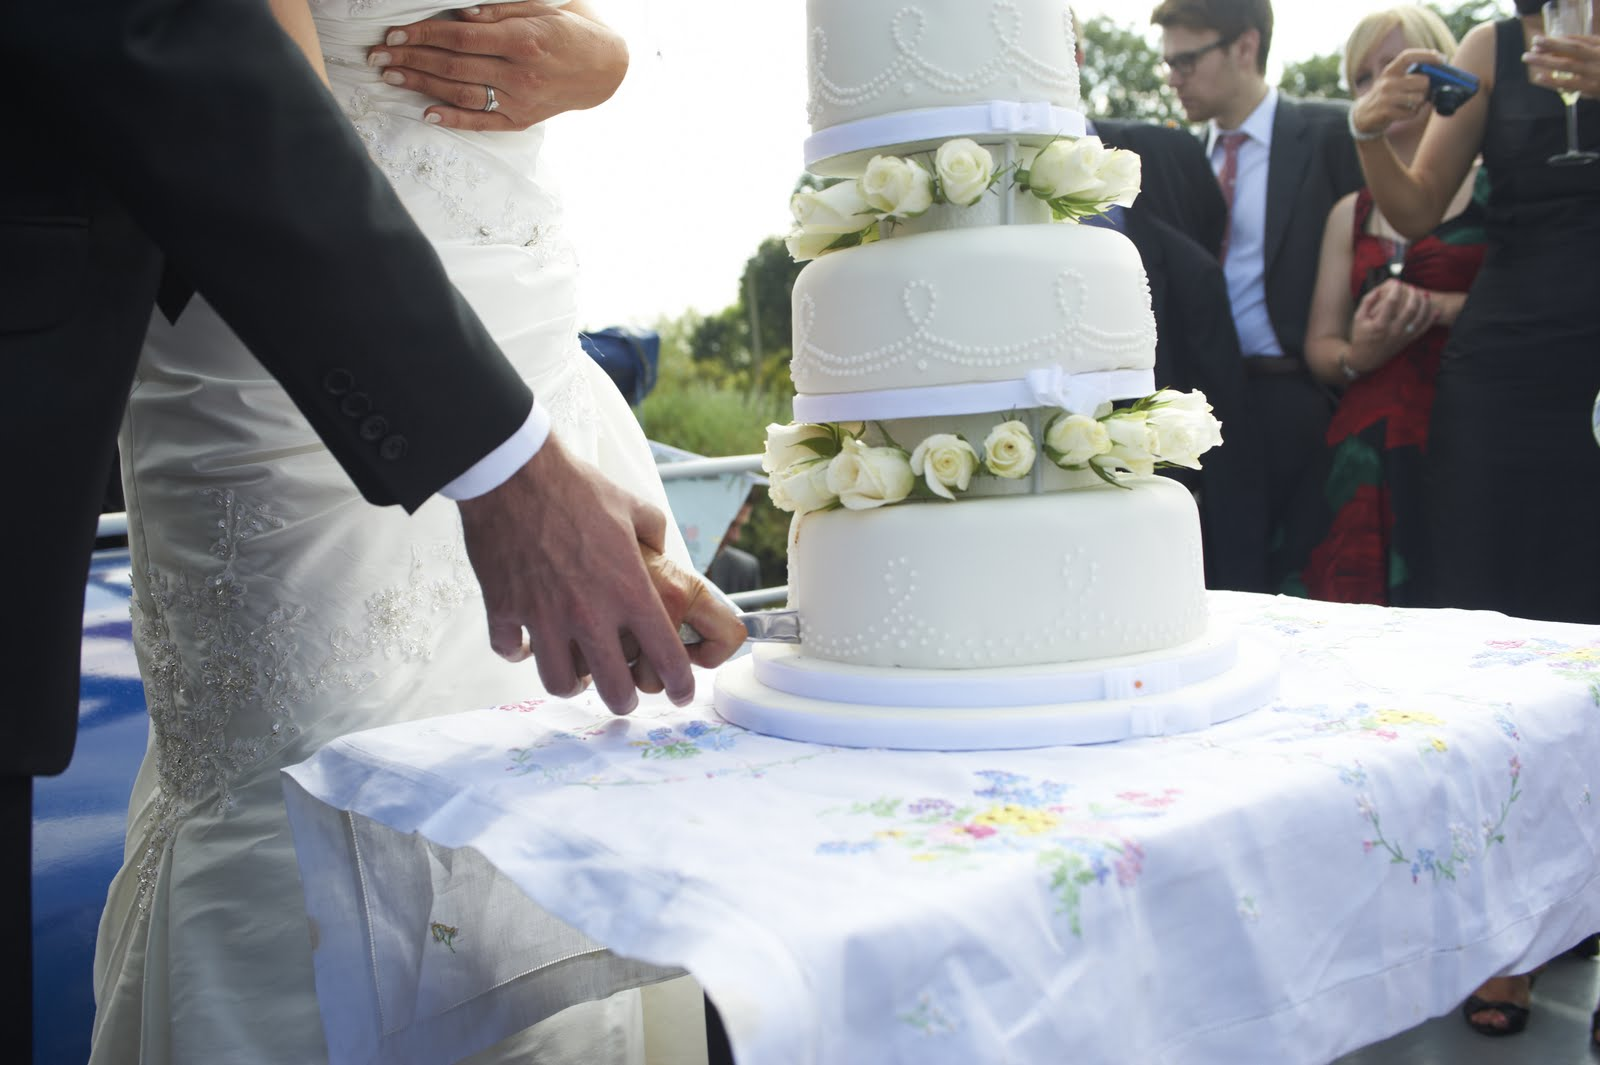 Lizzies Pretty Scrumptious Cakes Three Tier White Wedding Cake